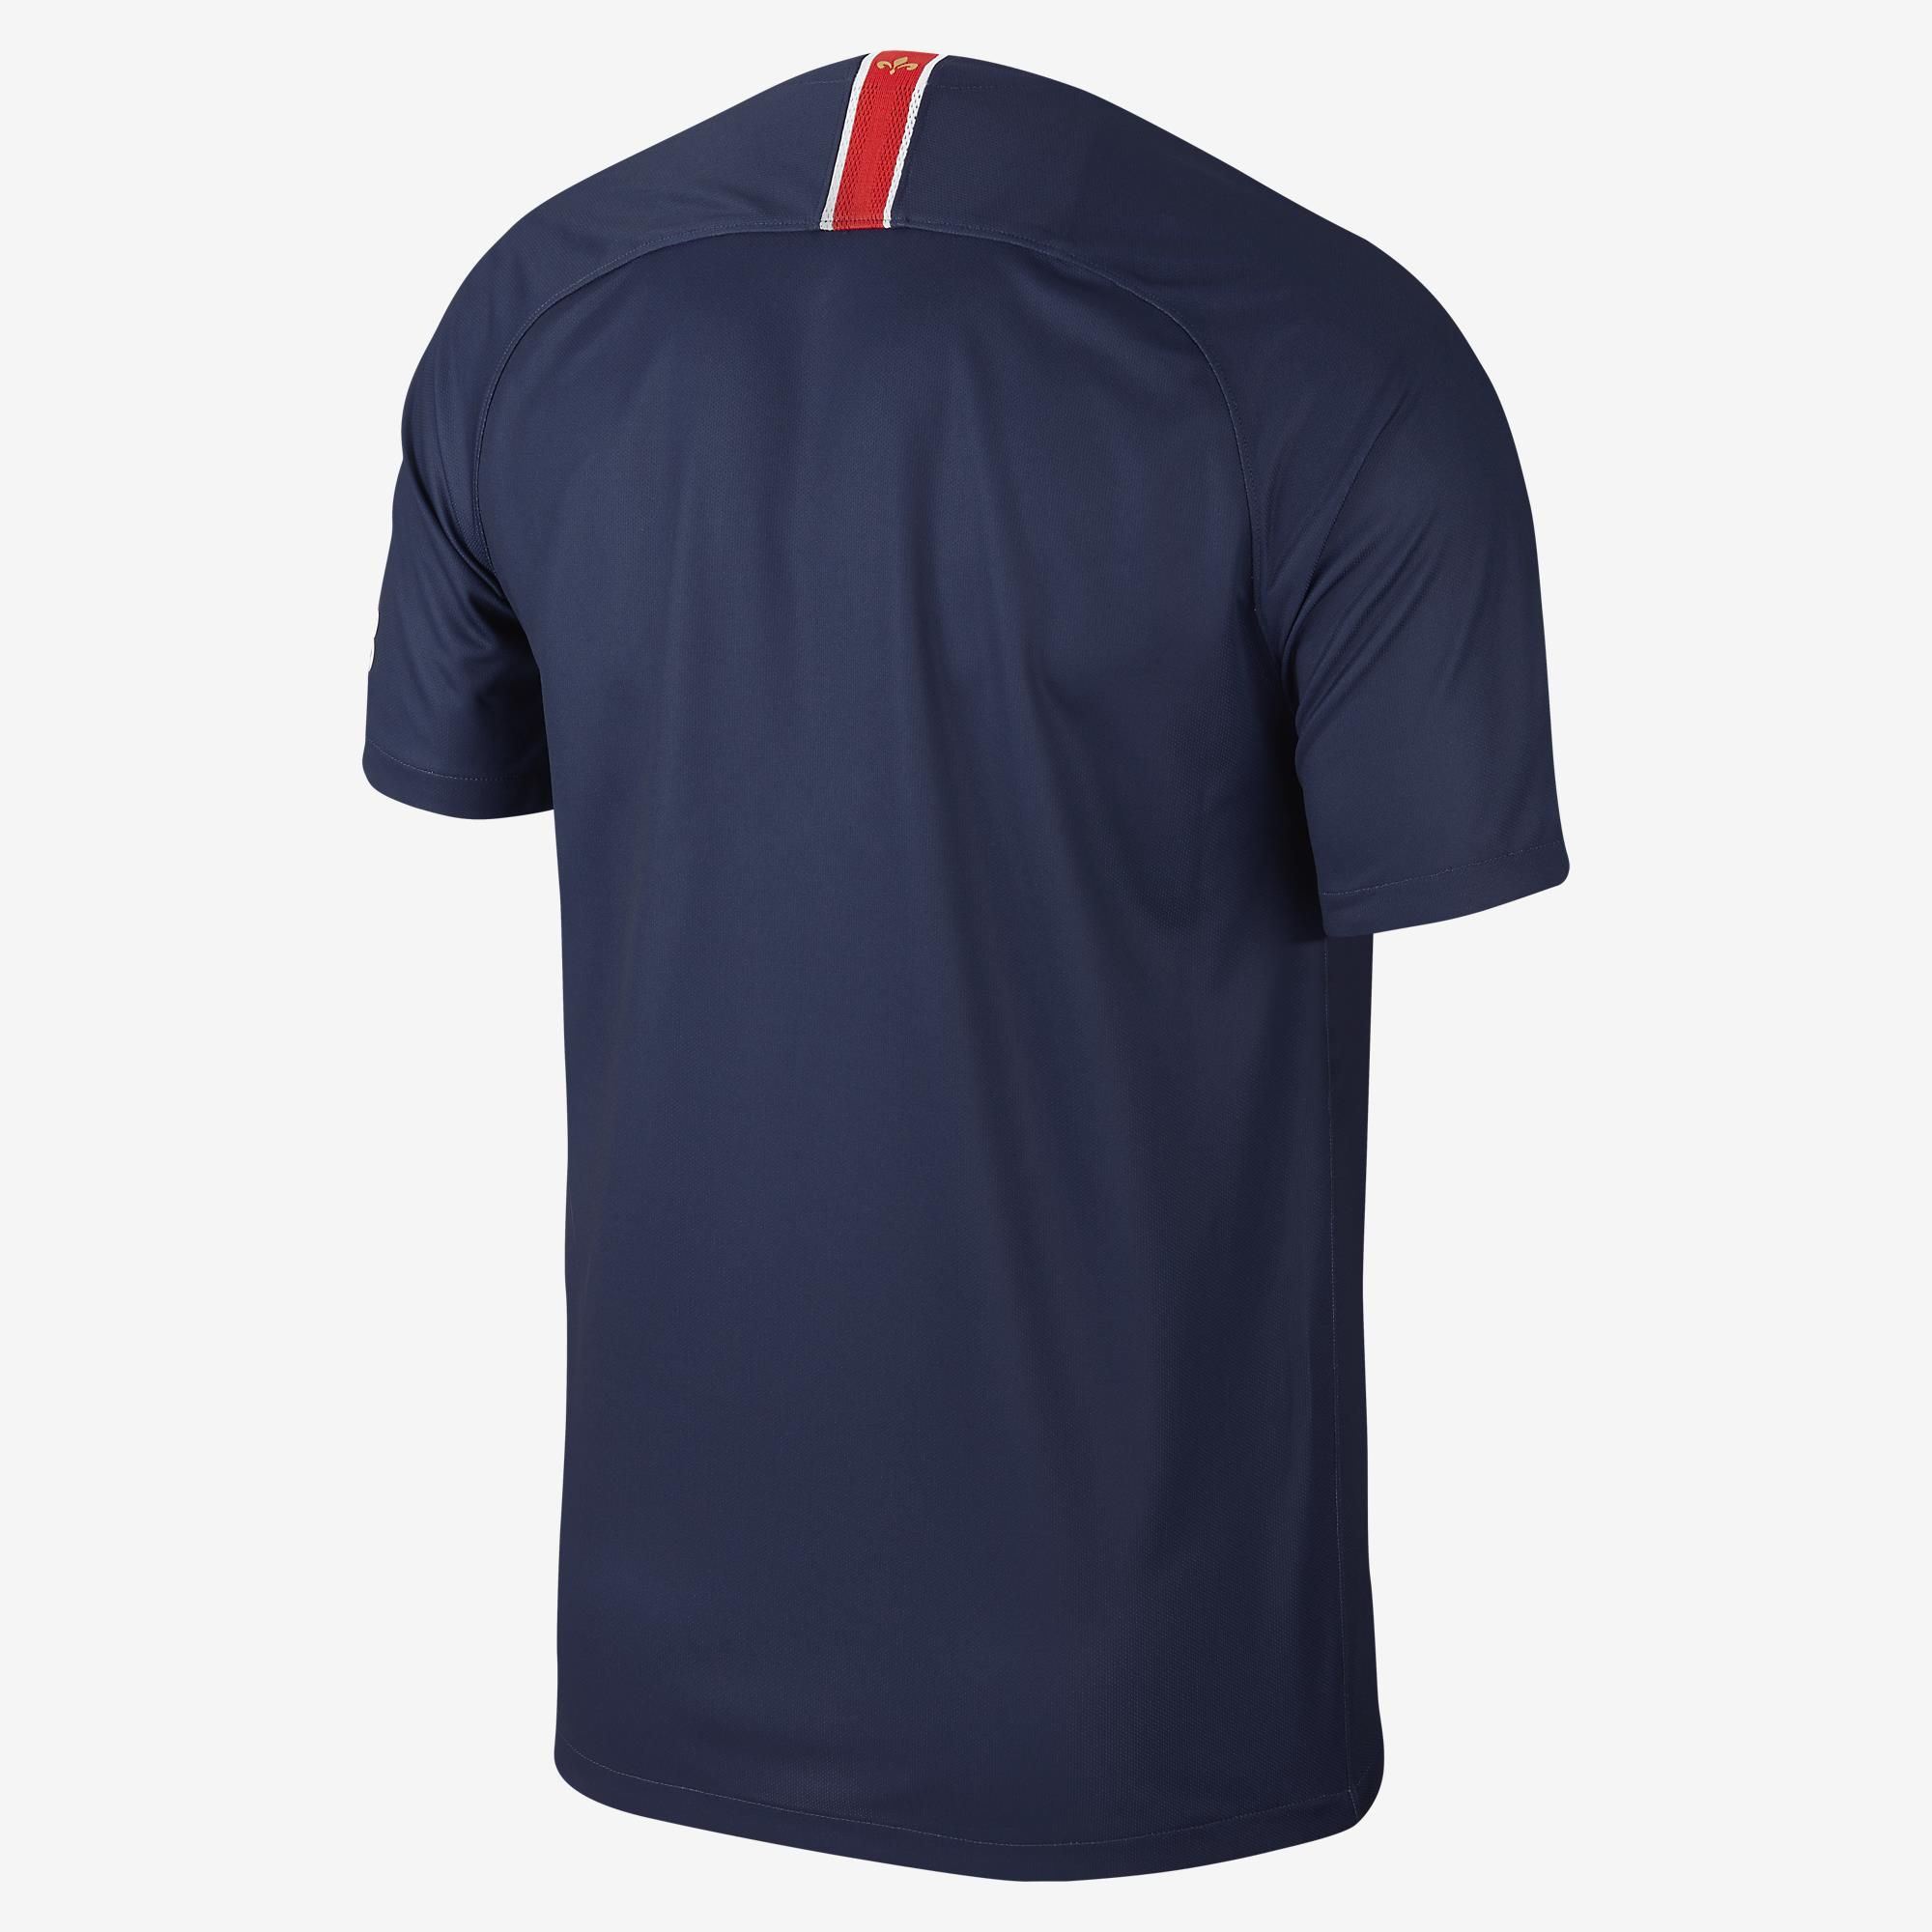 Camisa Nike Paris Saint Germain Original Azul - 2018/2019